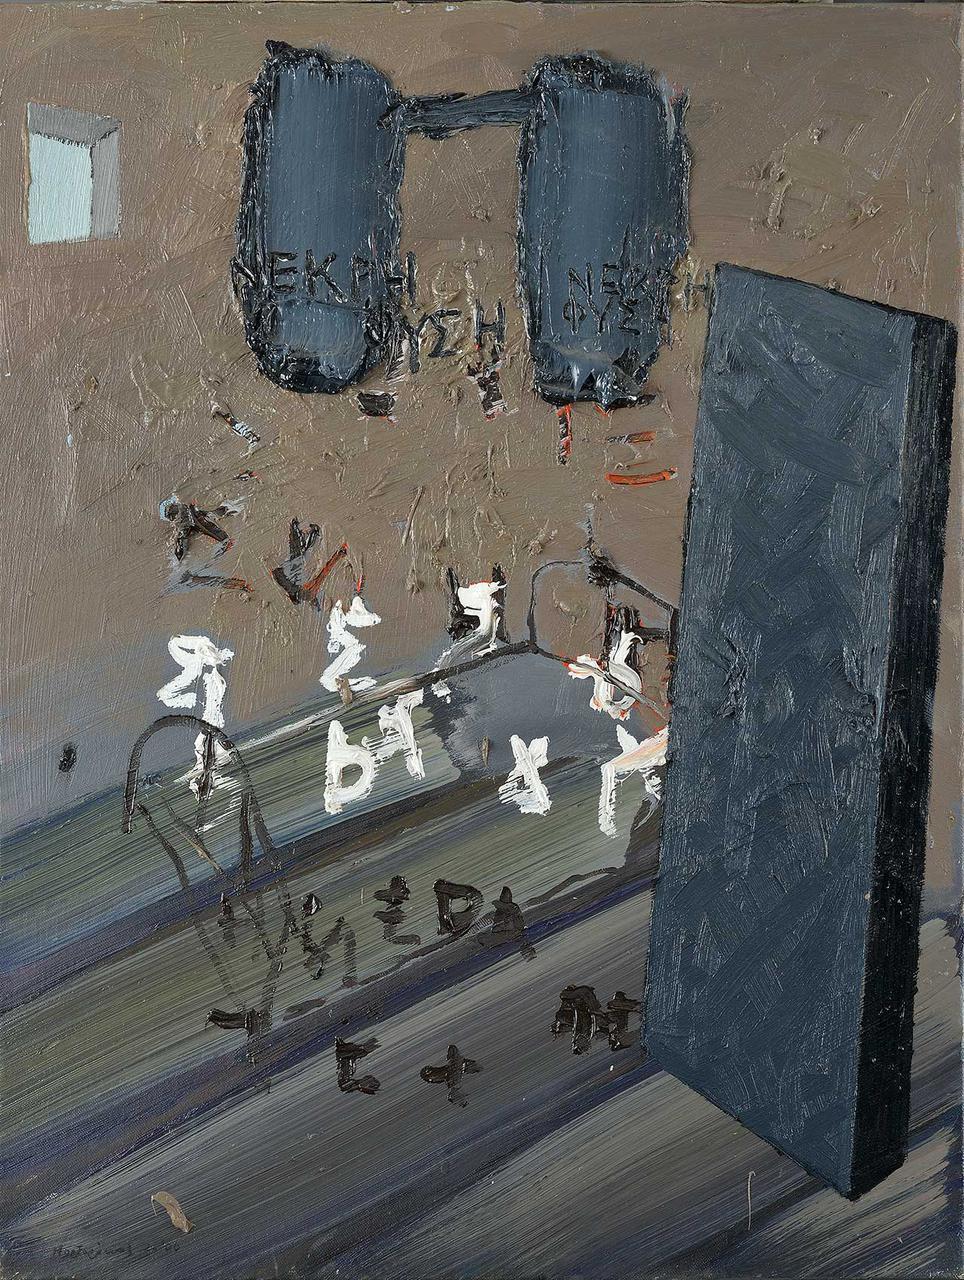 Χωρίς τίτλο, 2006, λάδι σε καμβά, 66x50 εκ.